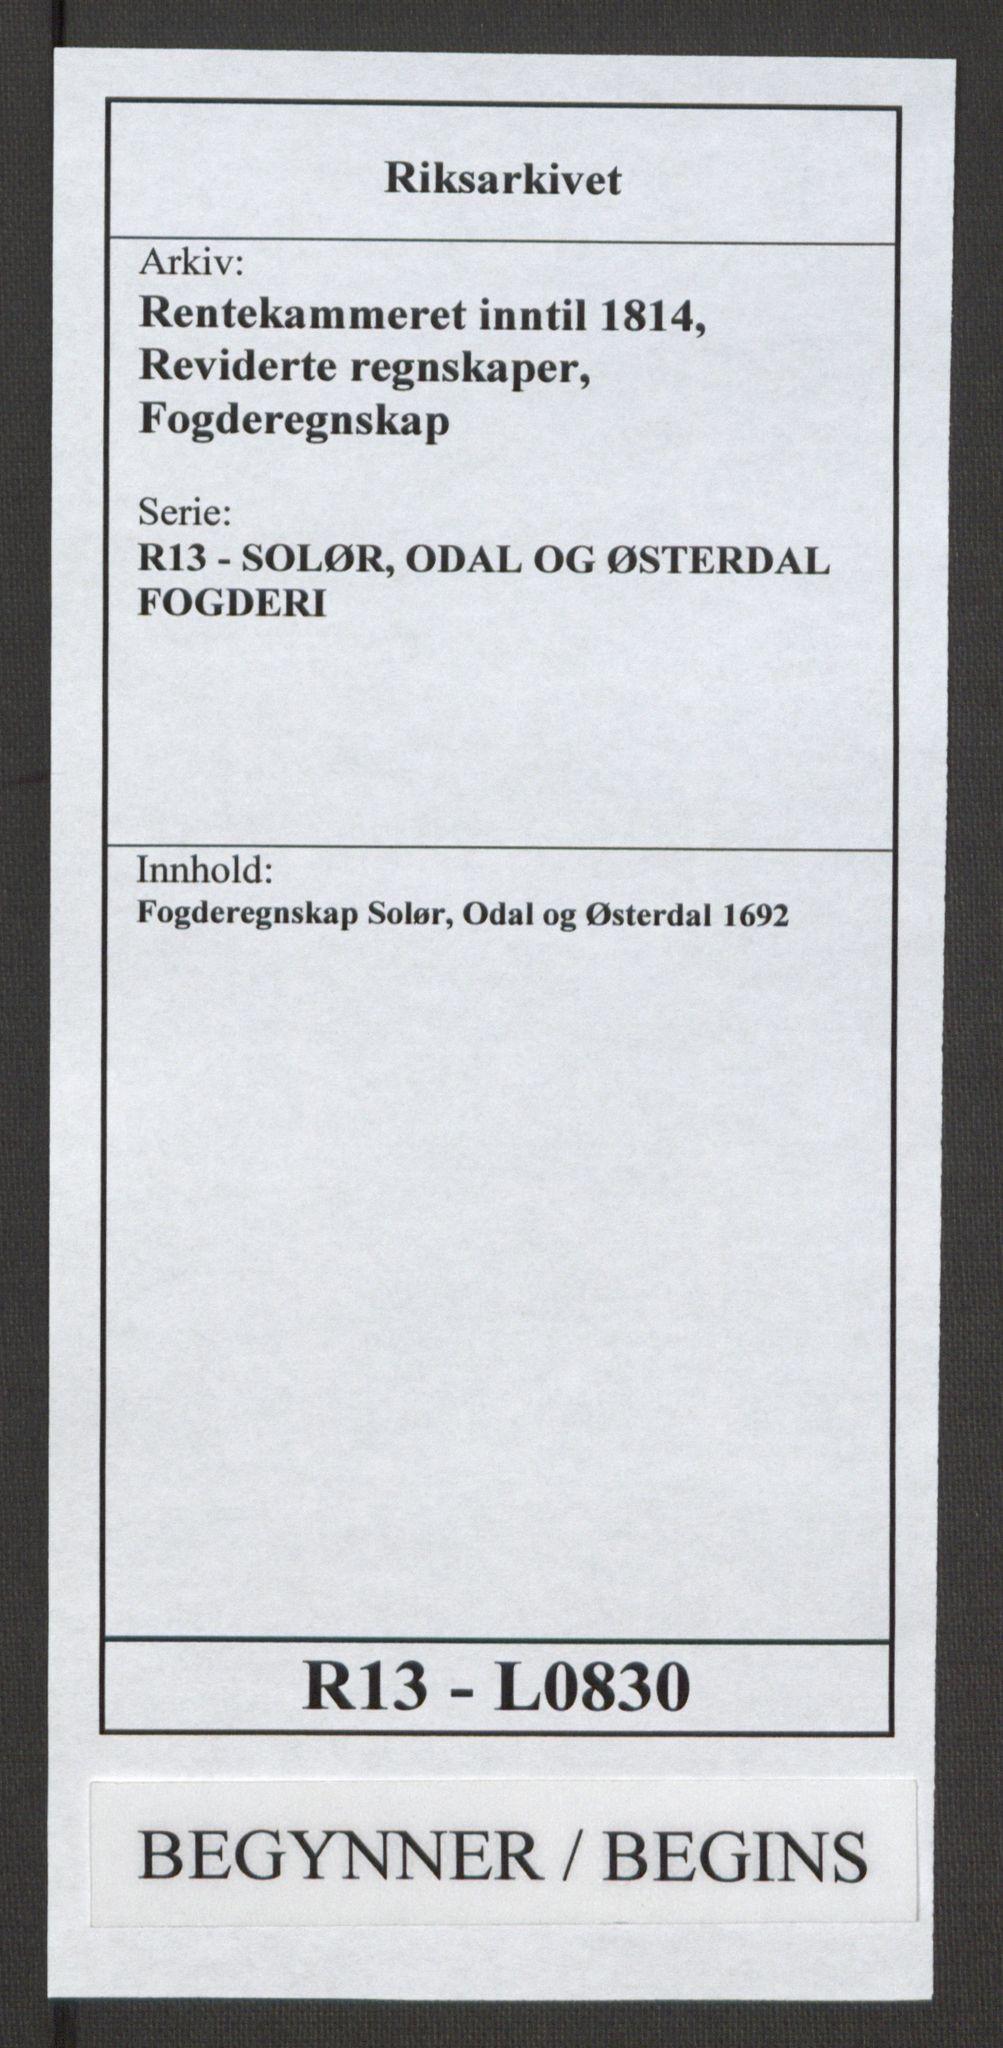 RA, Rentekammeret inntil 1814, Reviderte regnskaper, Fogderegnskap, R13/L0830: Fogderegnskap Solør, Odal og Østerdal, 1692, s. 1